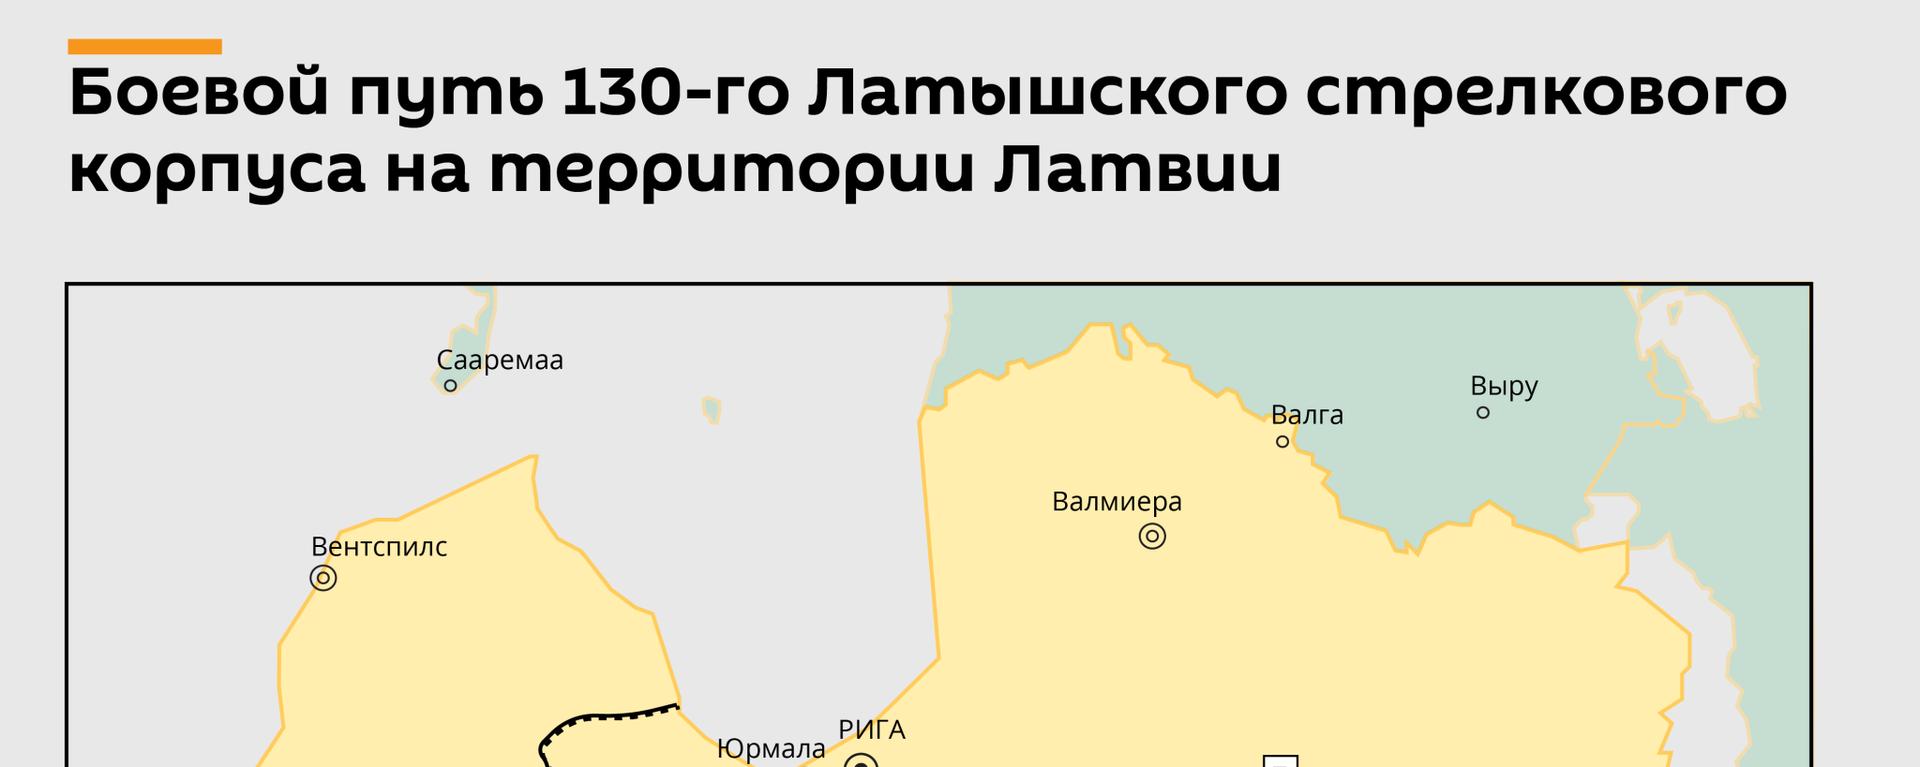 Как латвийцы освобождали Родину: боевой путь 130-го Латышского стрелкового корпуса в Латвии - Sputnik Латвия, 1920, 07.05.2020